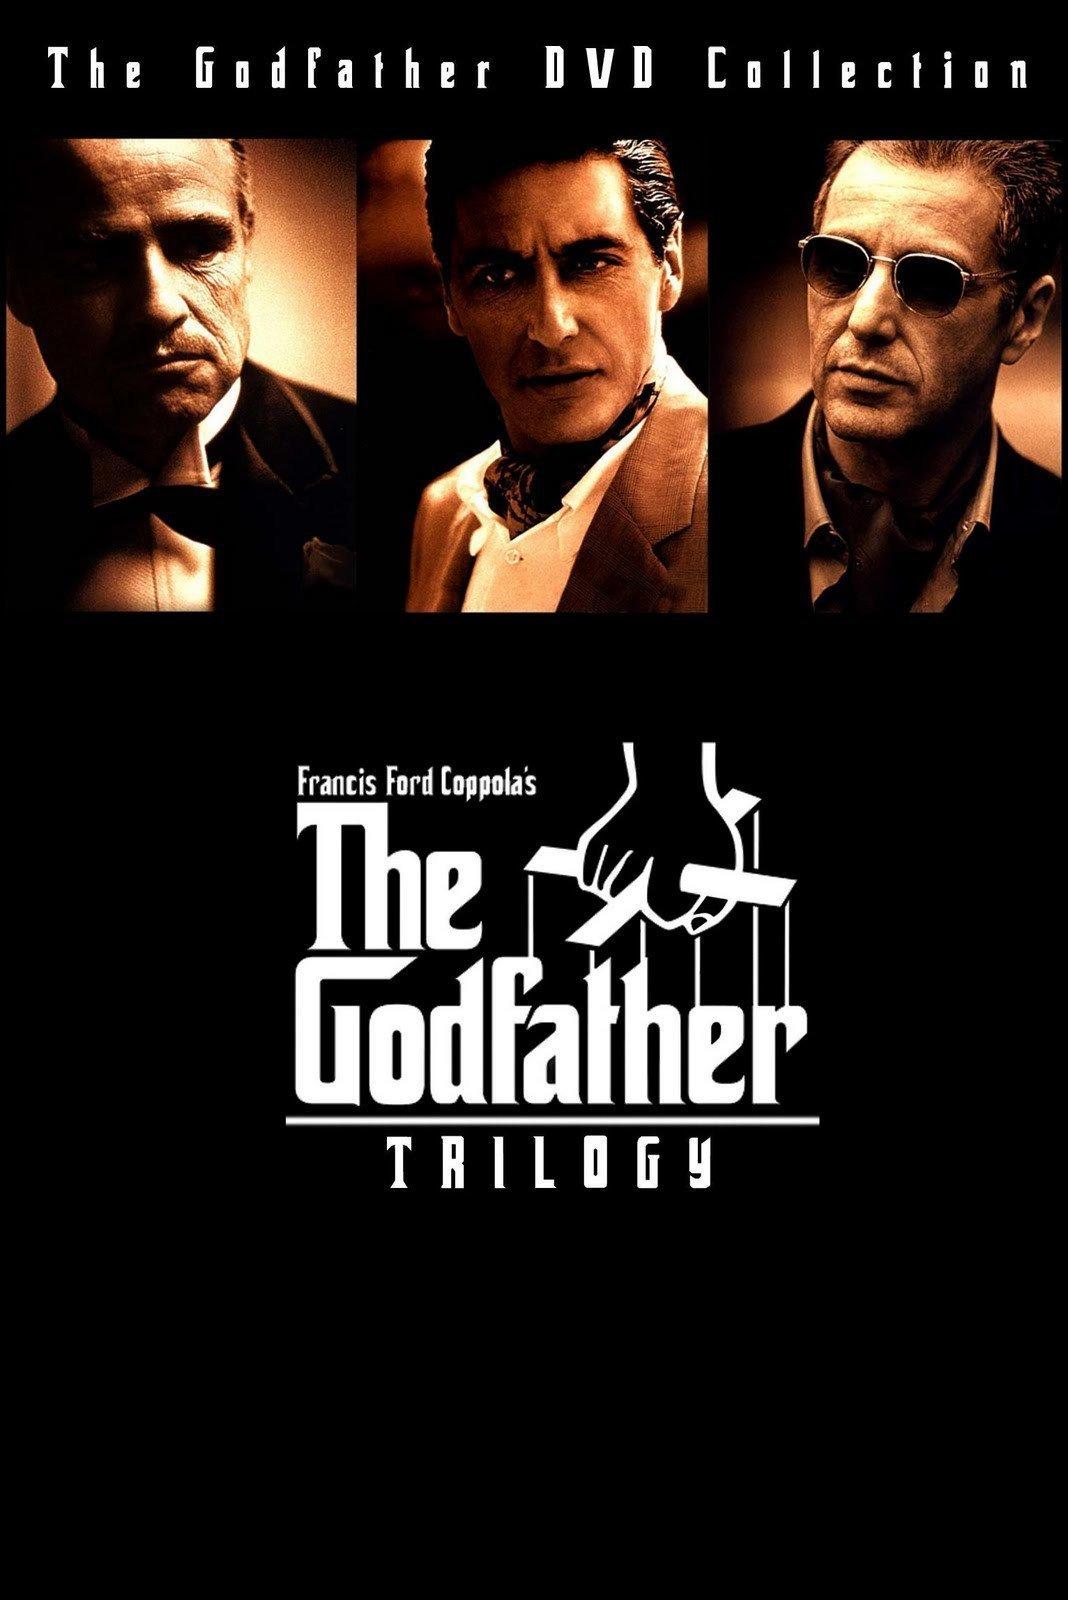 Godfather logo generator